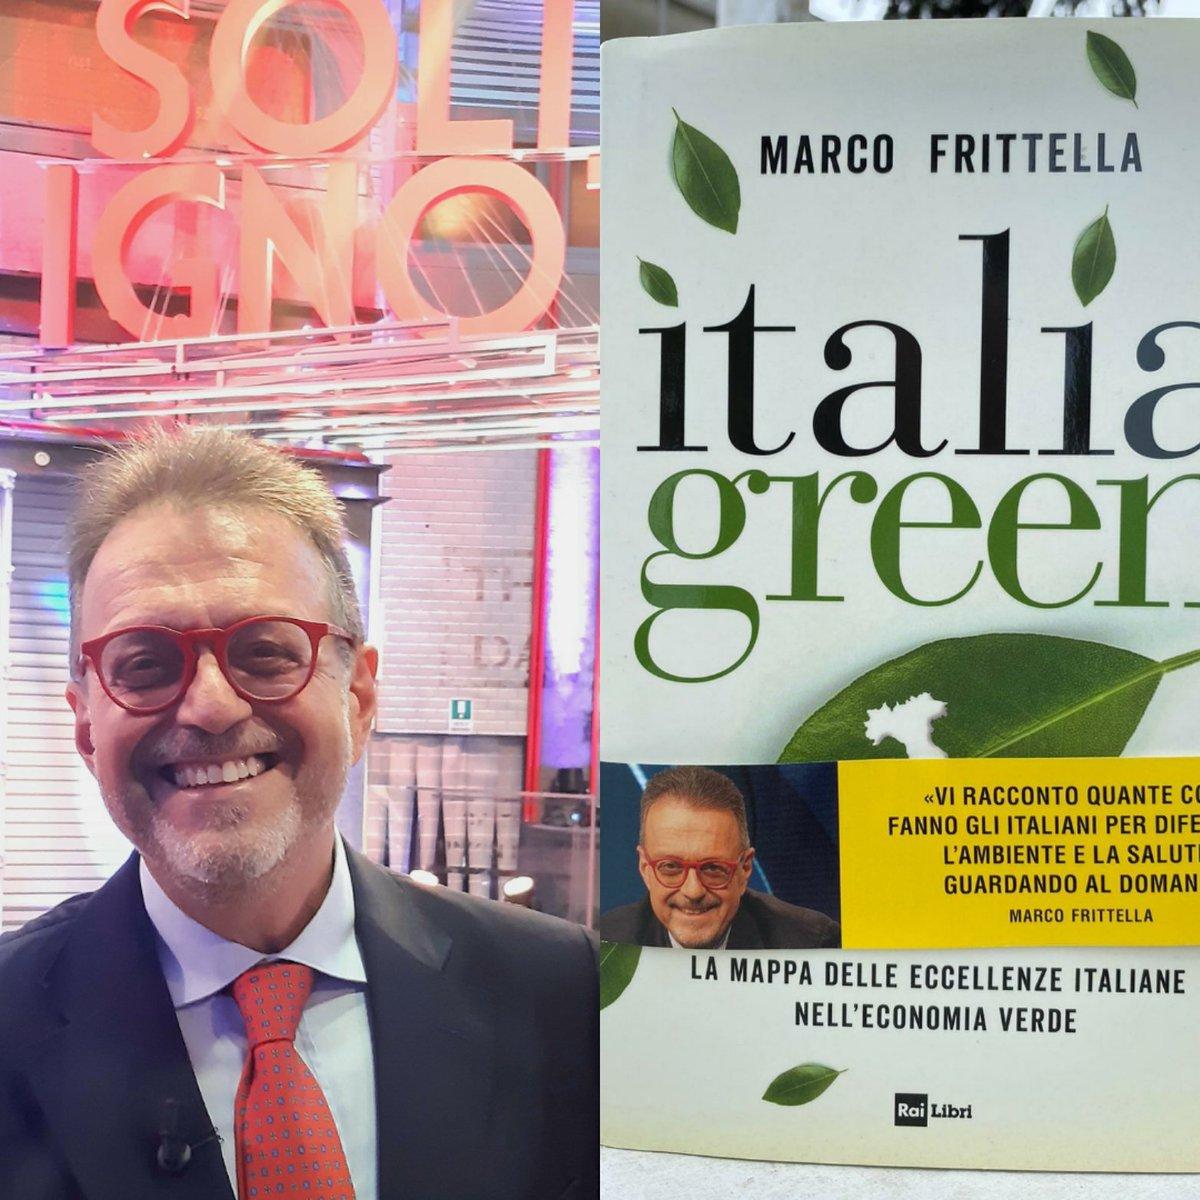 RT @mfrittella: Abbiamo portato ITALIA GREEN anche...